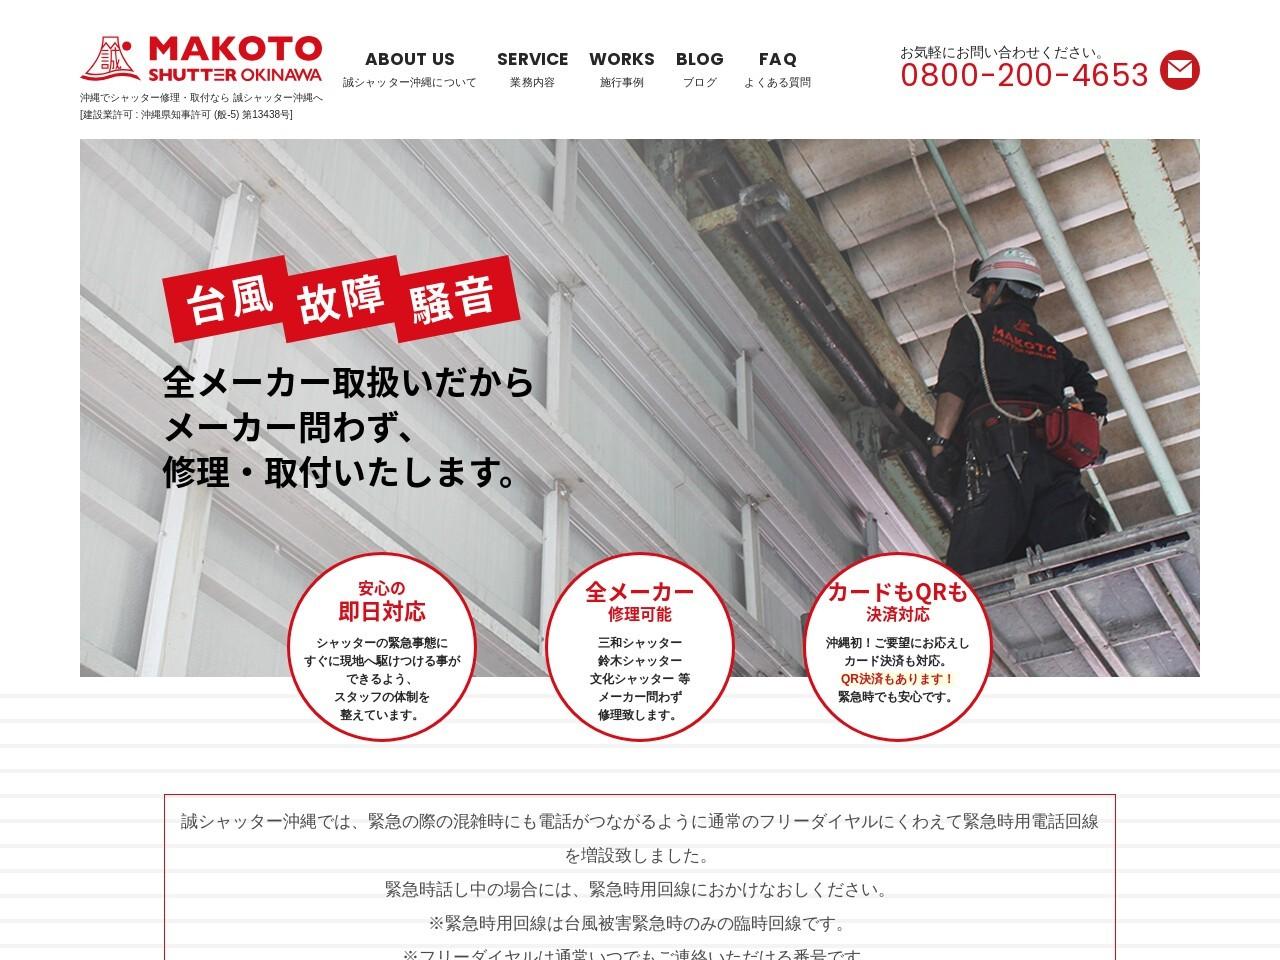 誠シャッター沖縄株式会社